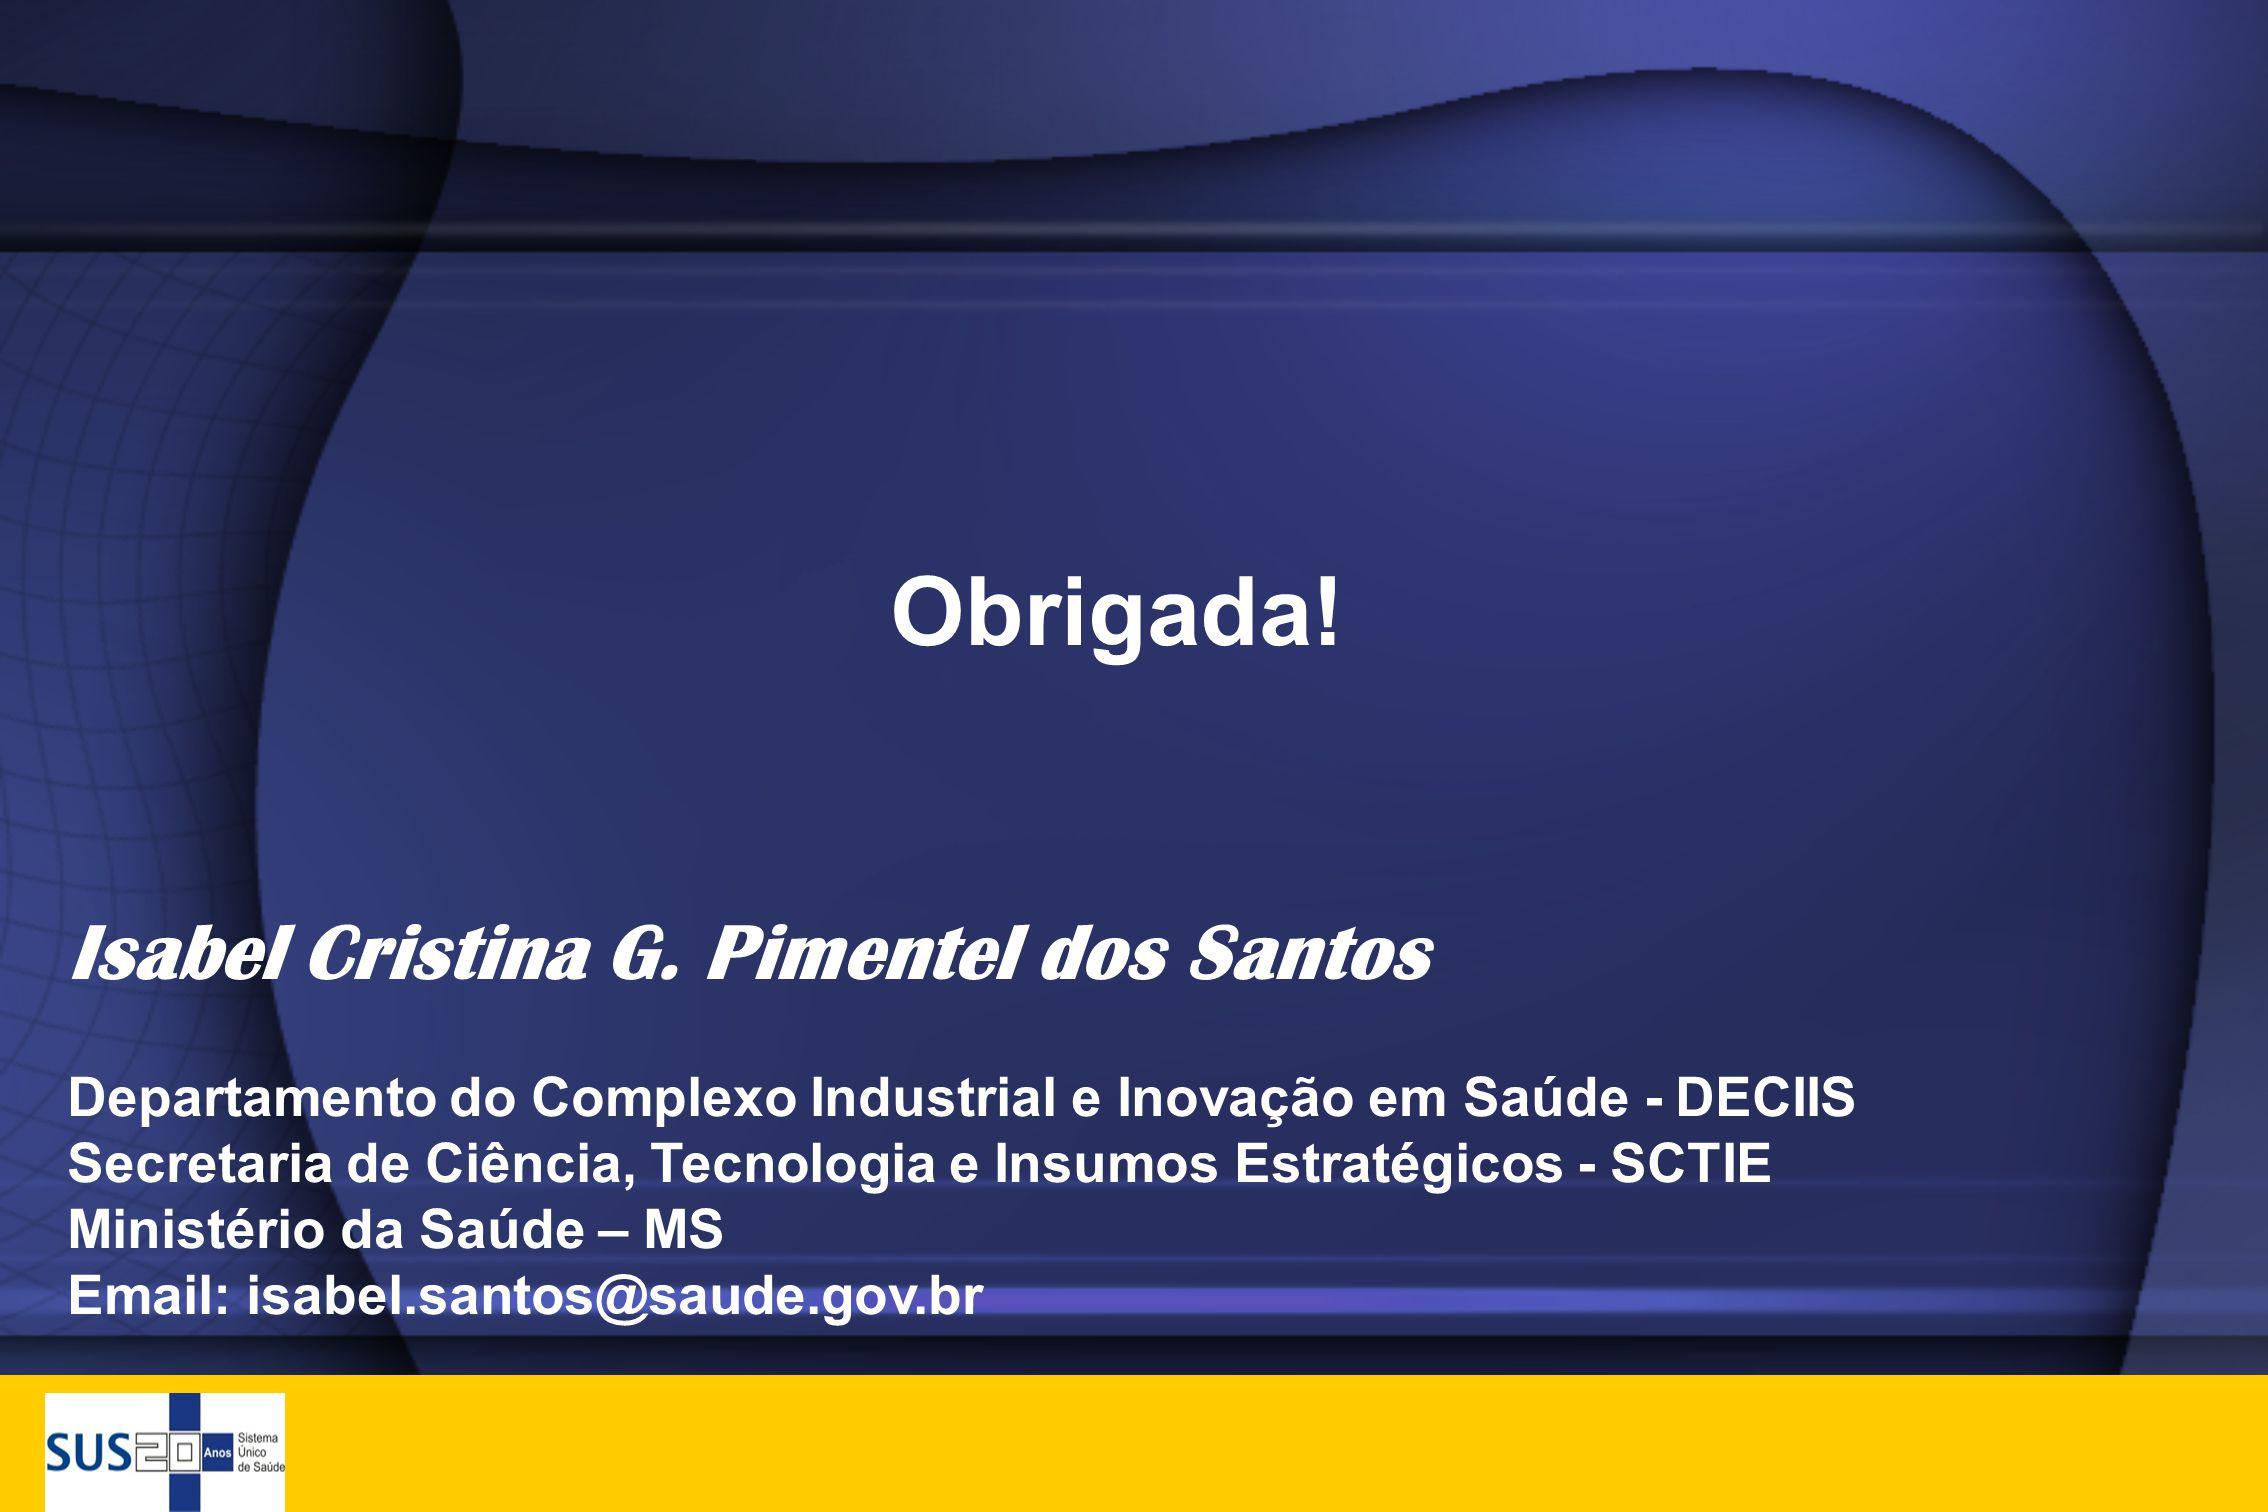 Obrigada! Isabel Cristina G. Pimentel dos Santos Departamento do Complexo Industrial e Inovação em Saúde - DECIIS Secretaria de Ciência, Tecnologia e